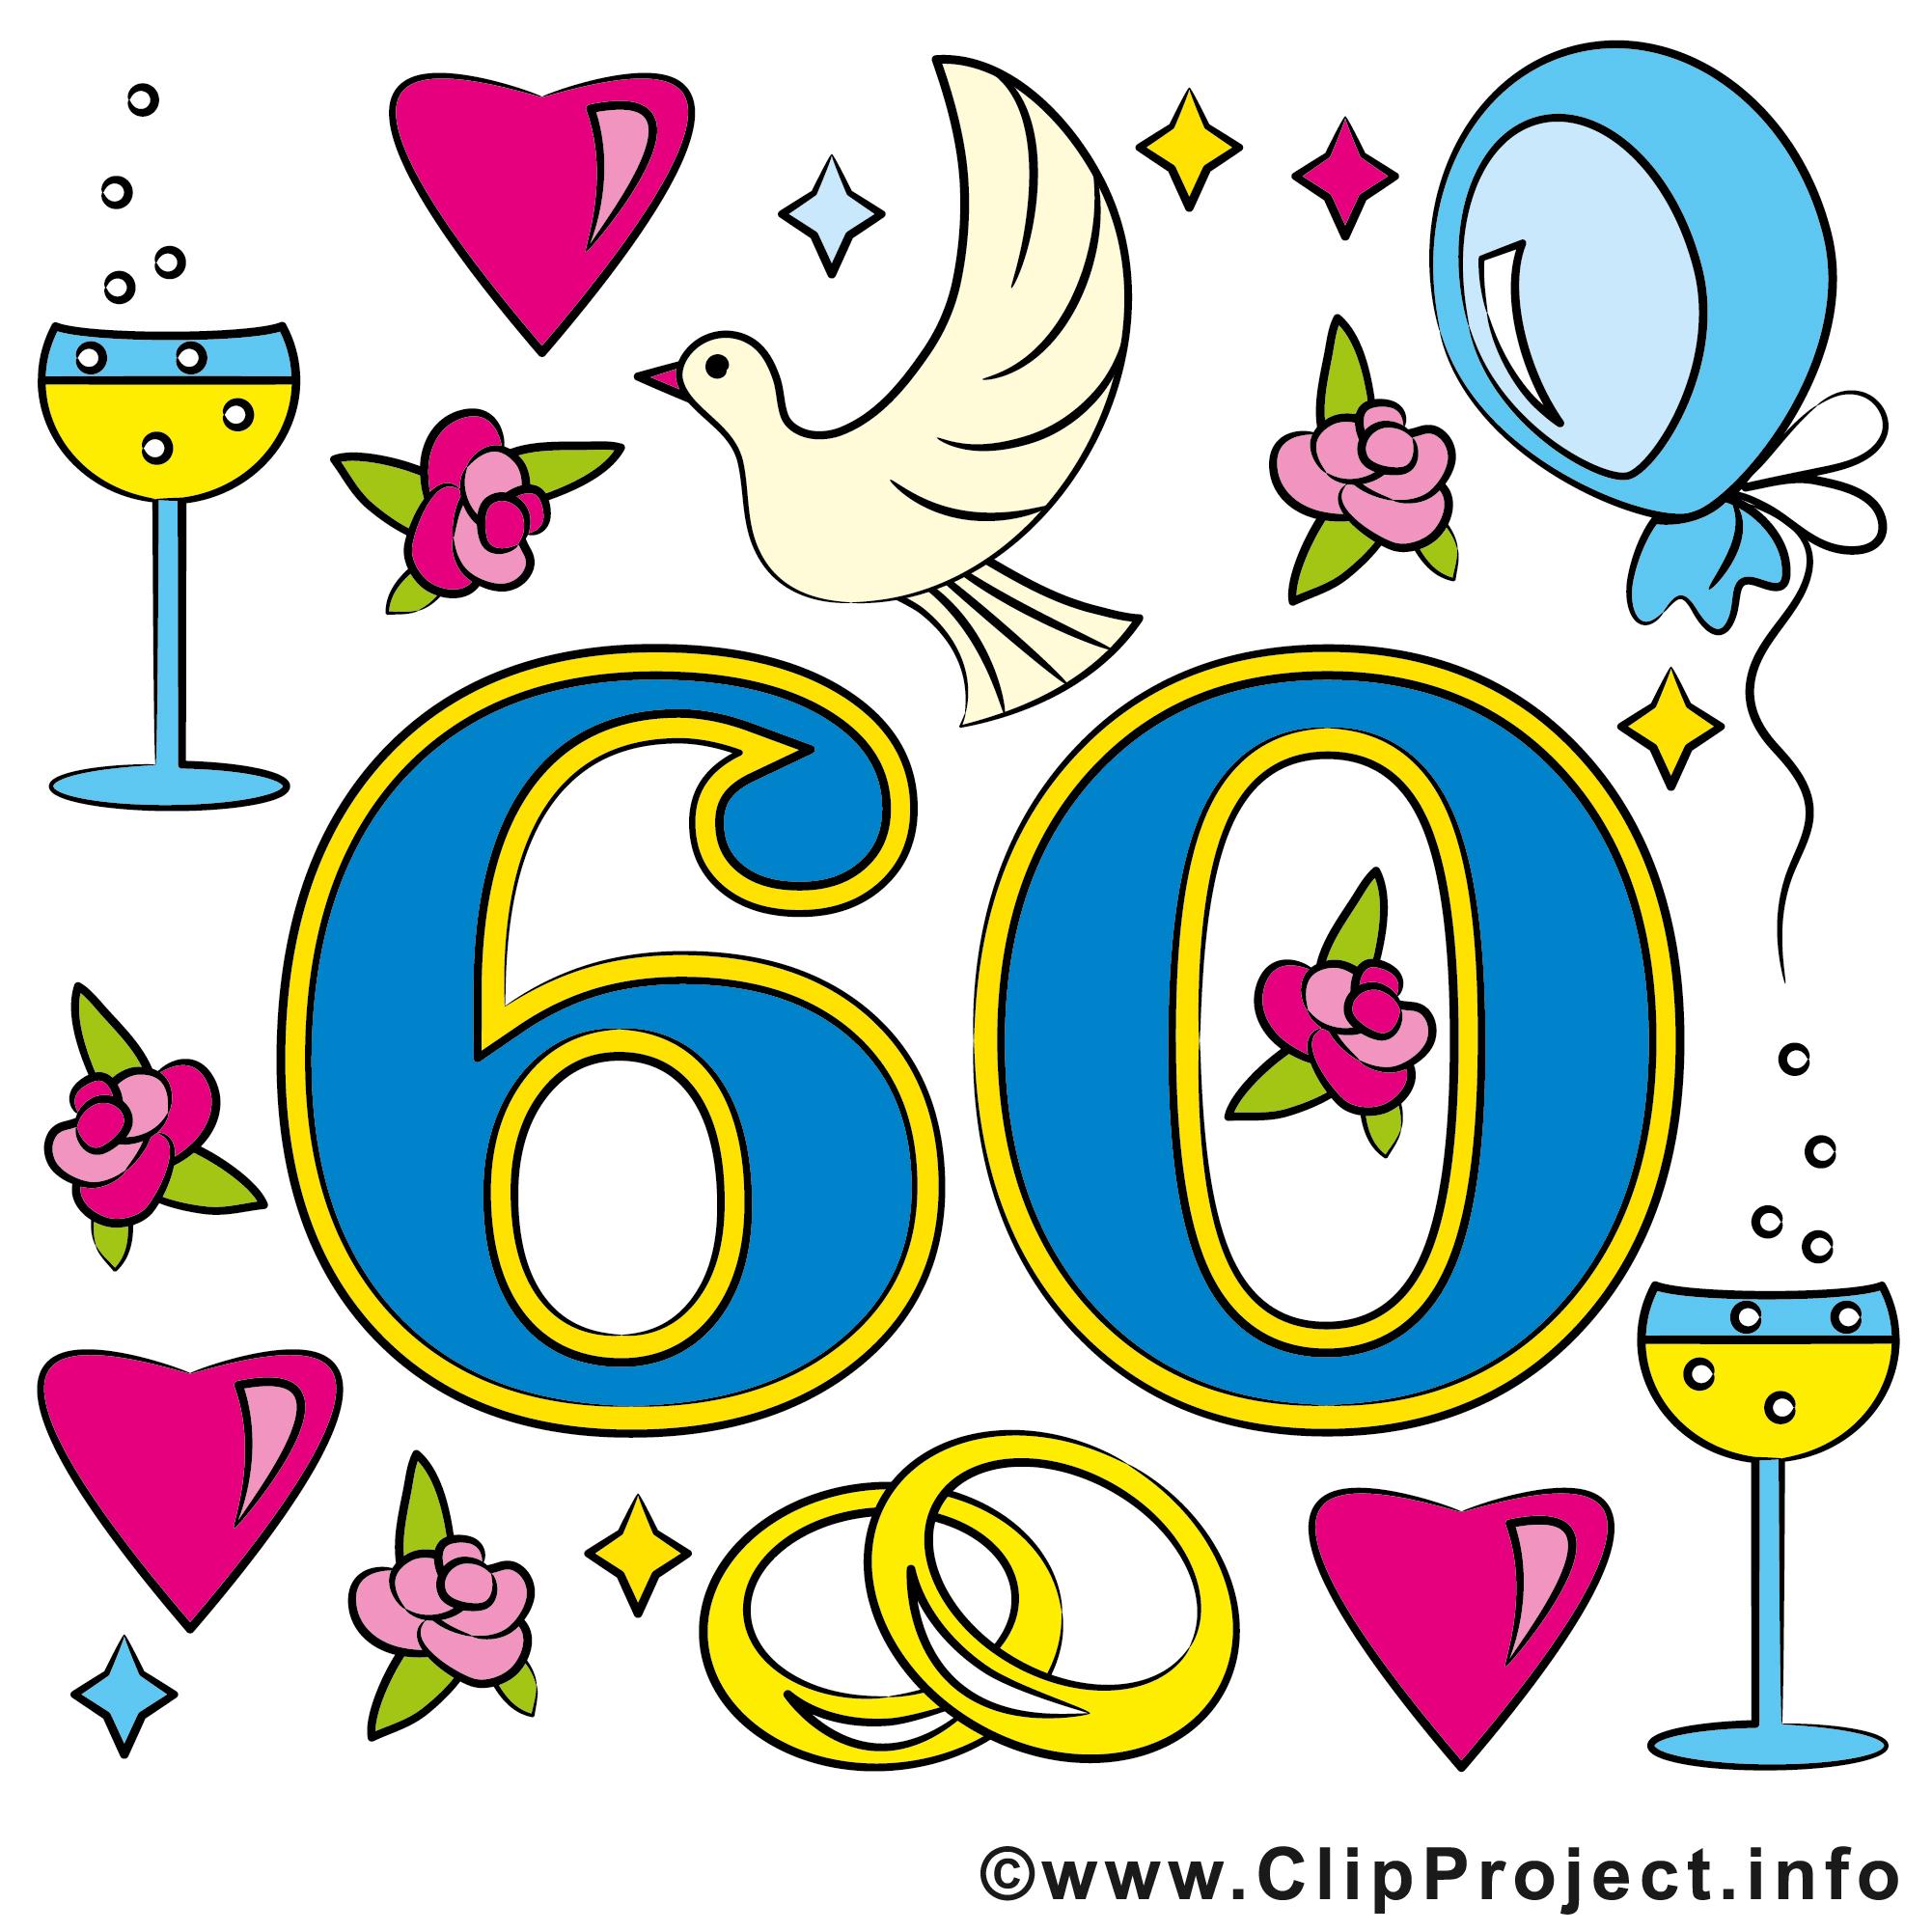 Clipart einladung 60 geburtstag svg library download Geburtstagssprüche Zum 60 Geburtstag | Jtleigh.com ... svg library download